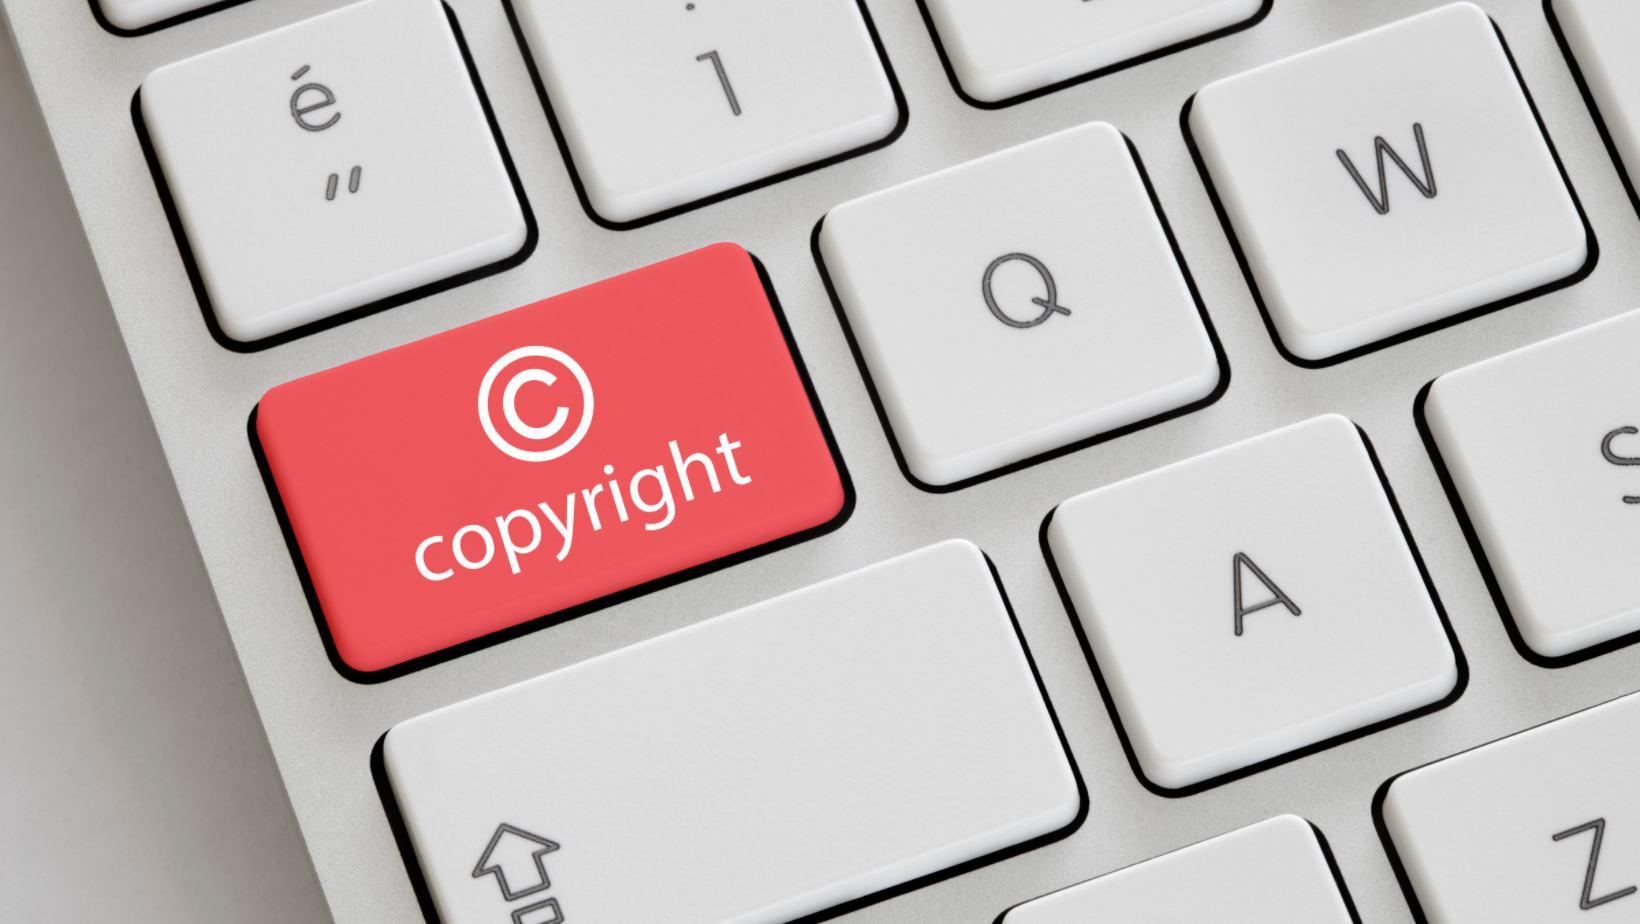 immagini e foto senza copyright